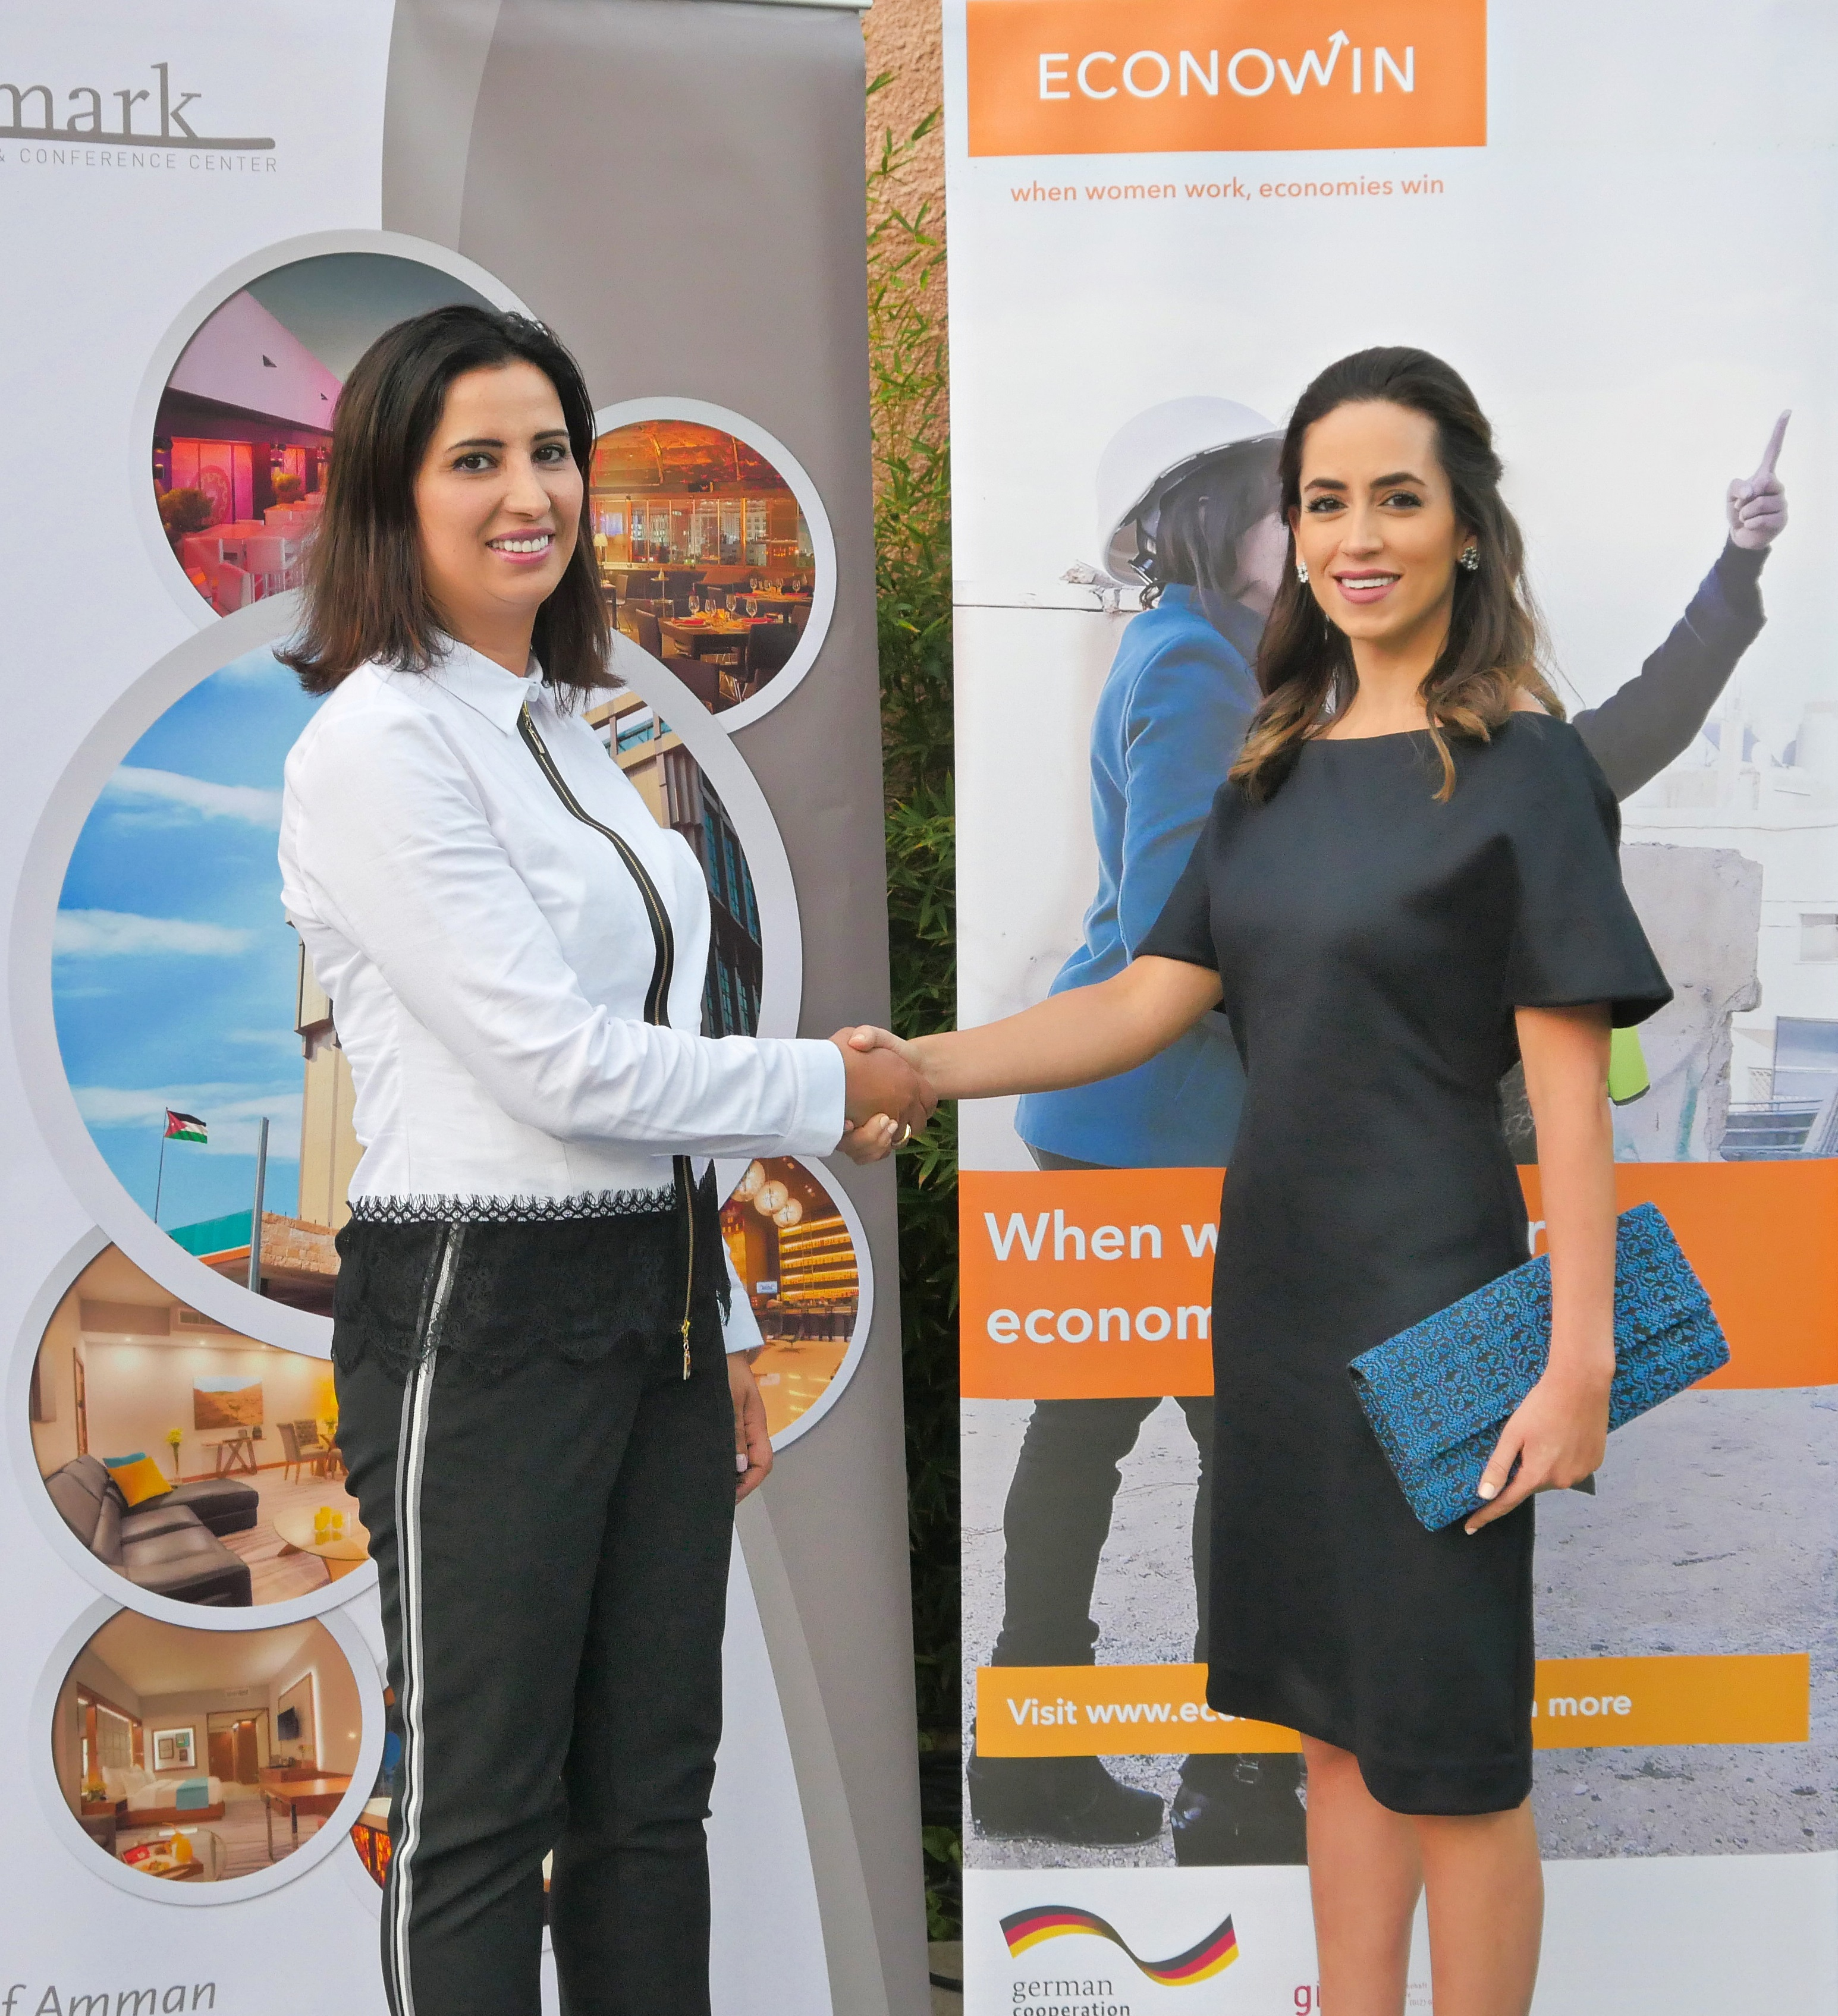 فندق لاندمارك عمان: إطلاق مشروع التنوع الاجتماعي